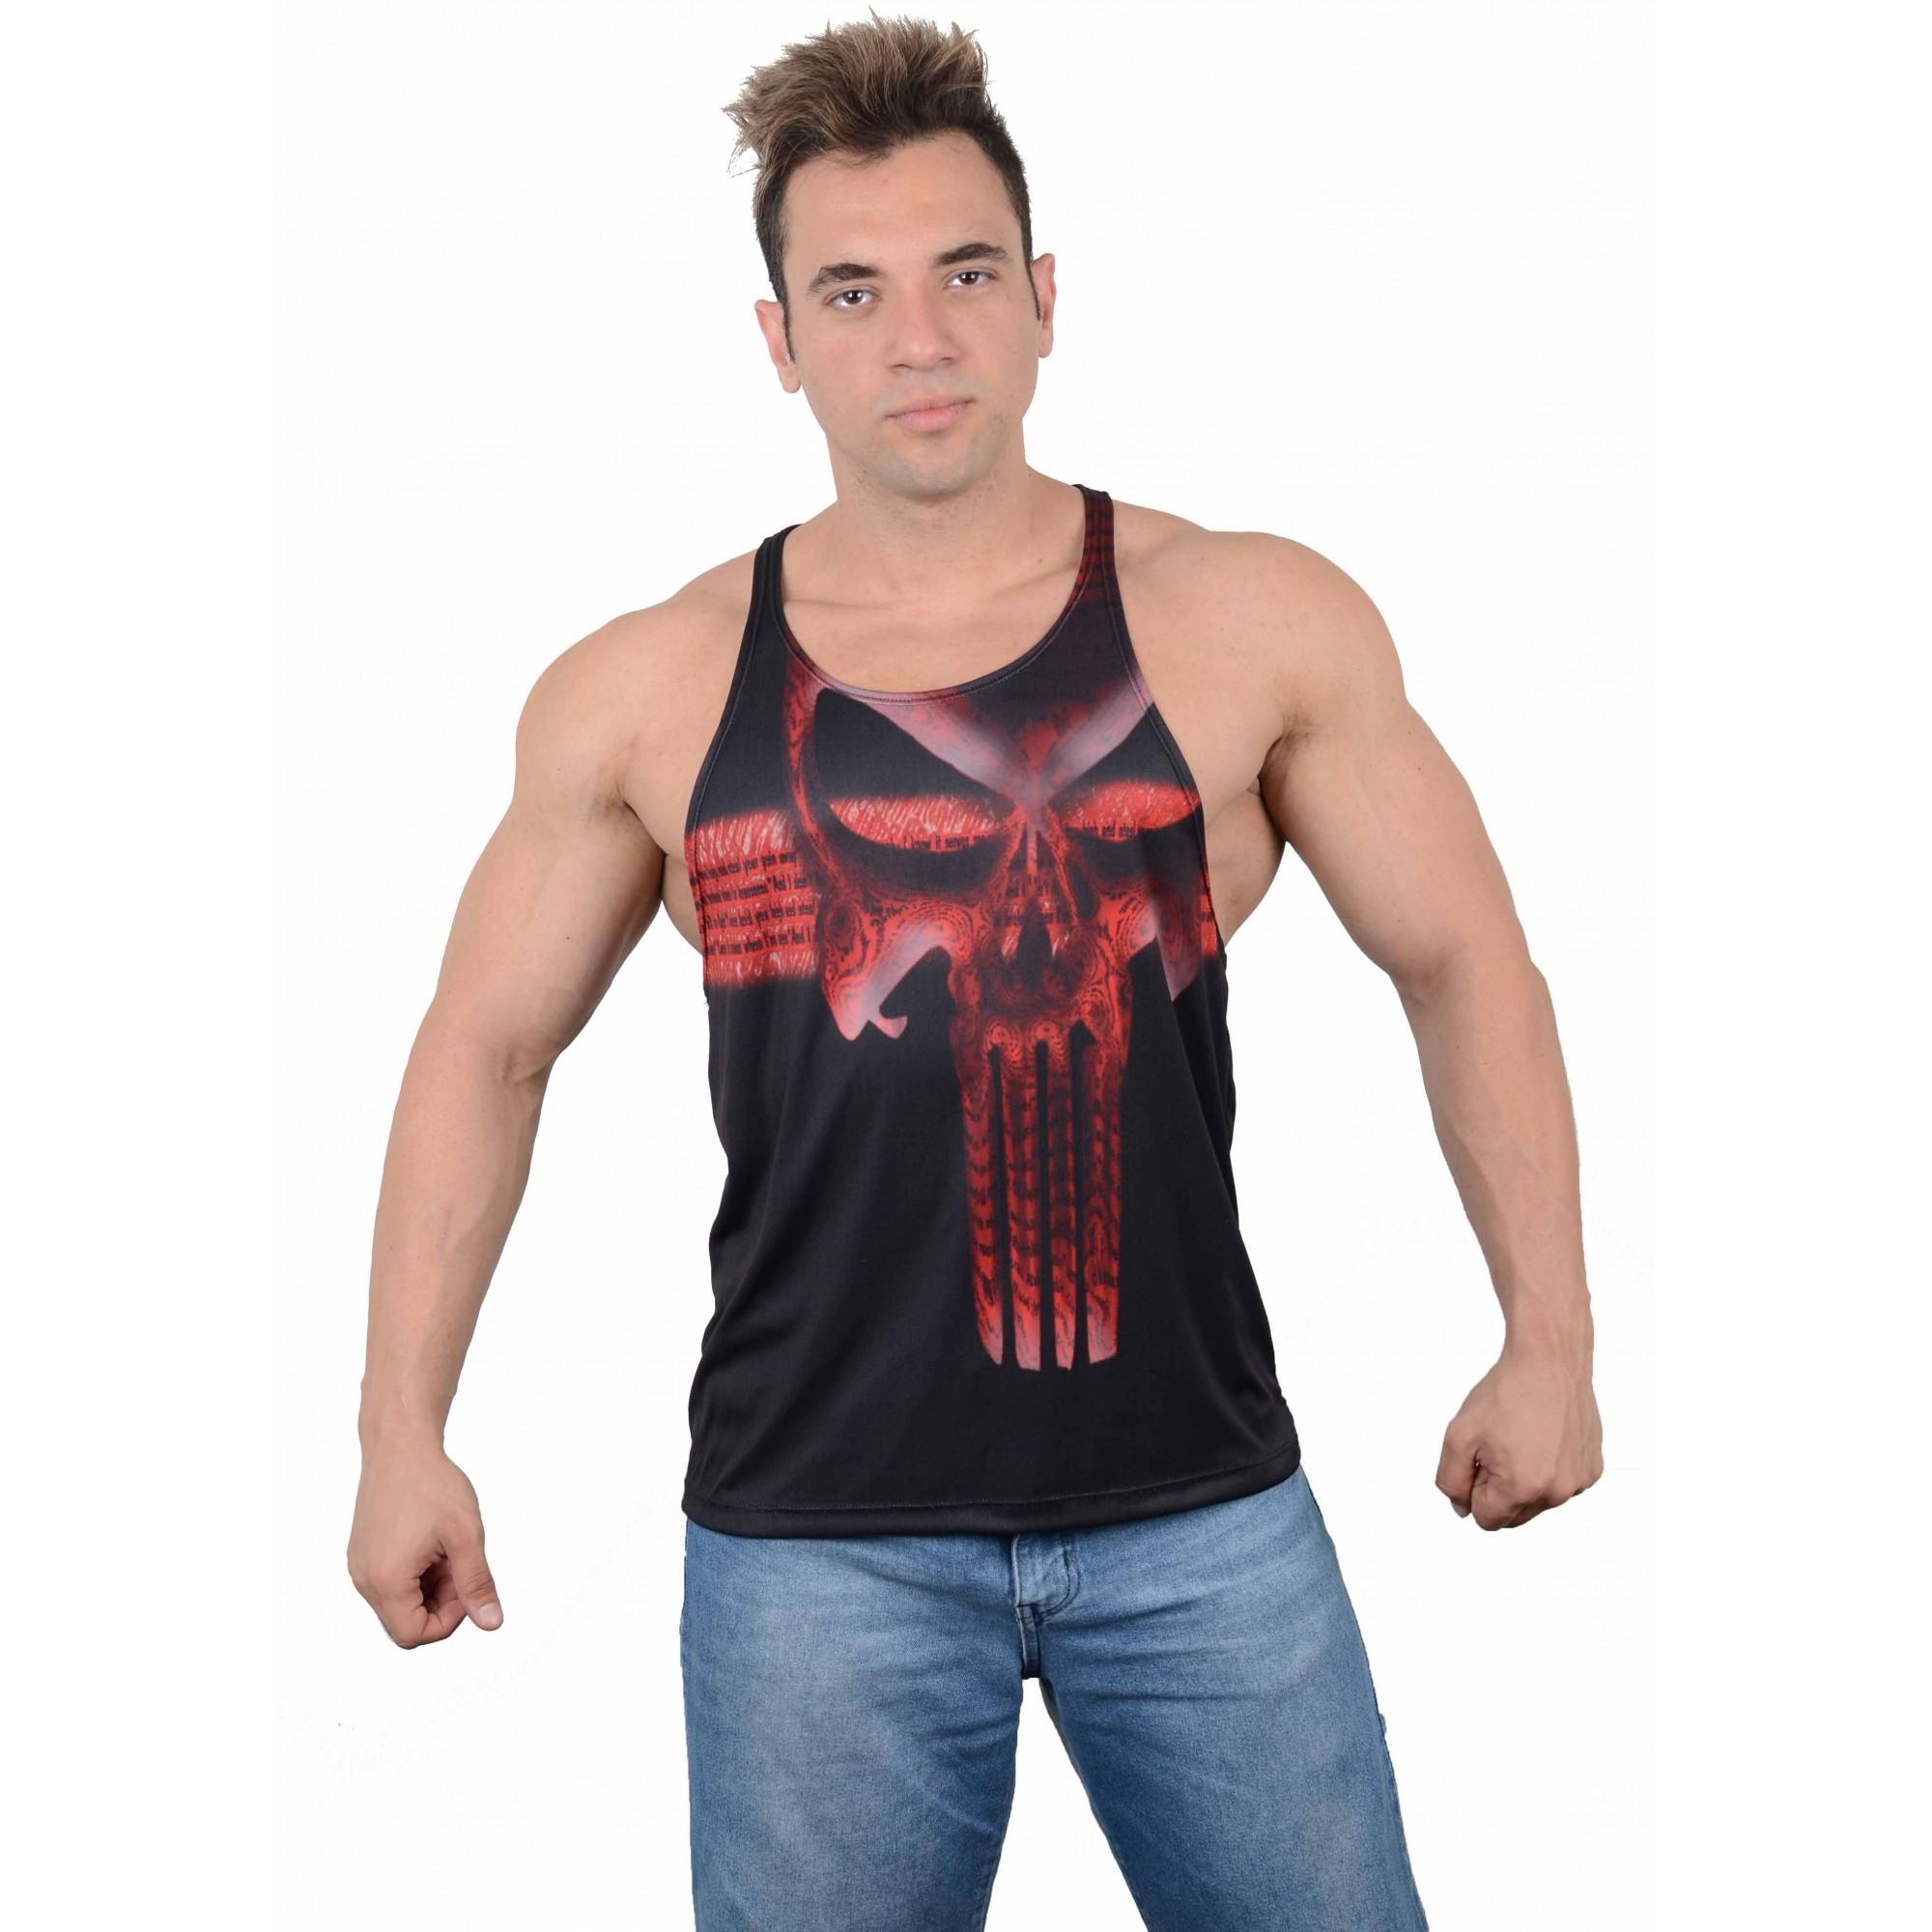 Camiseta Regata Academia Super Cavada Justiceiro